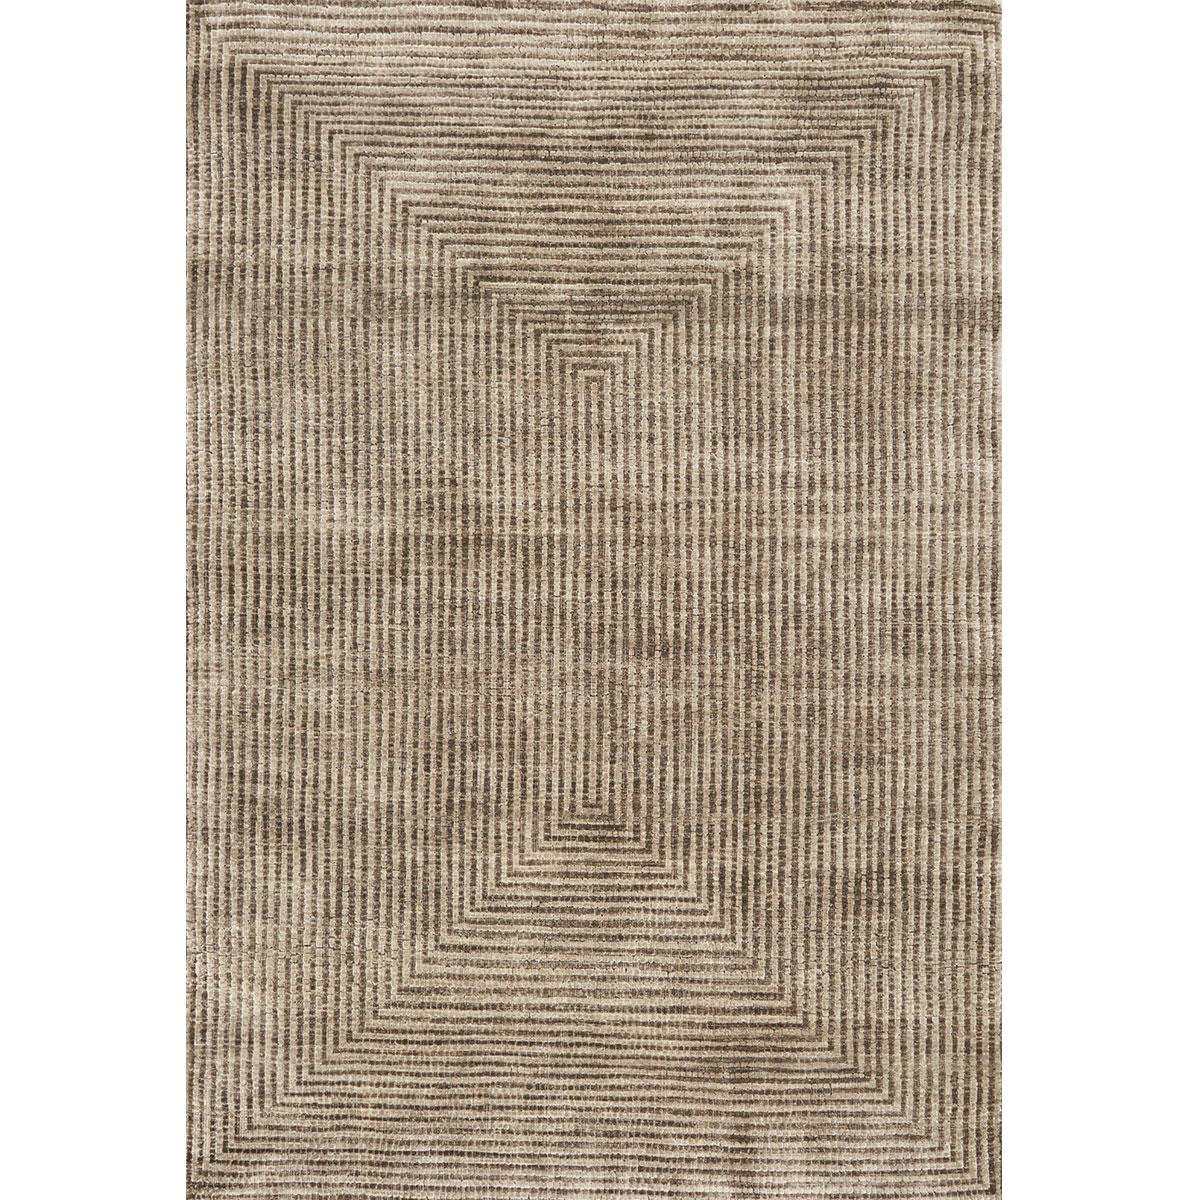 spqr_wool-silk_hand-knotted_patterson-flynn-martin_pfm